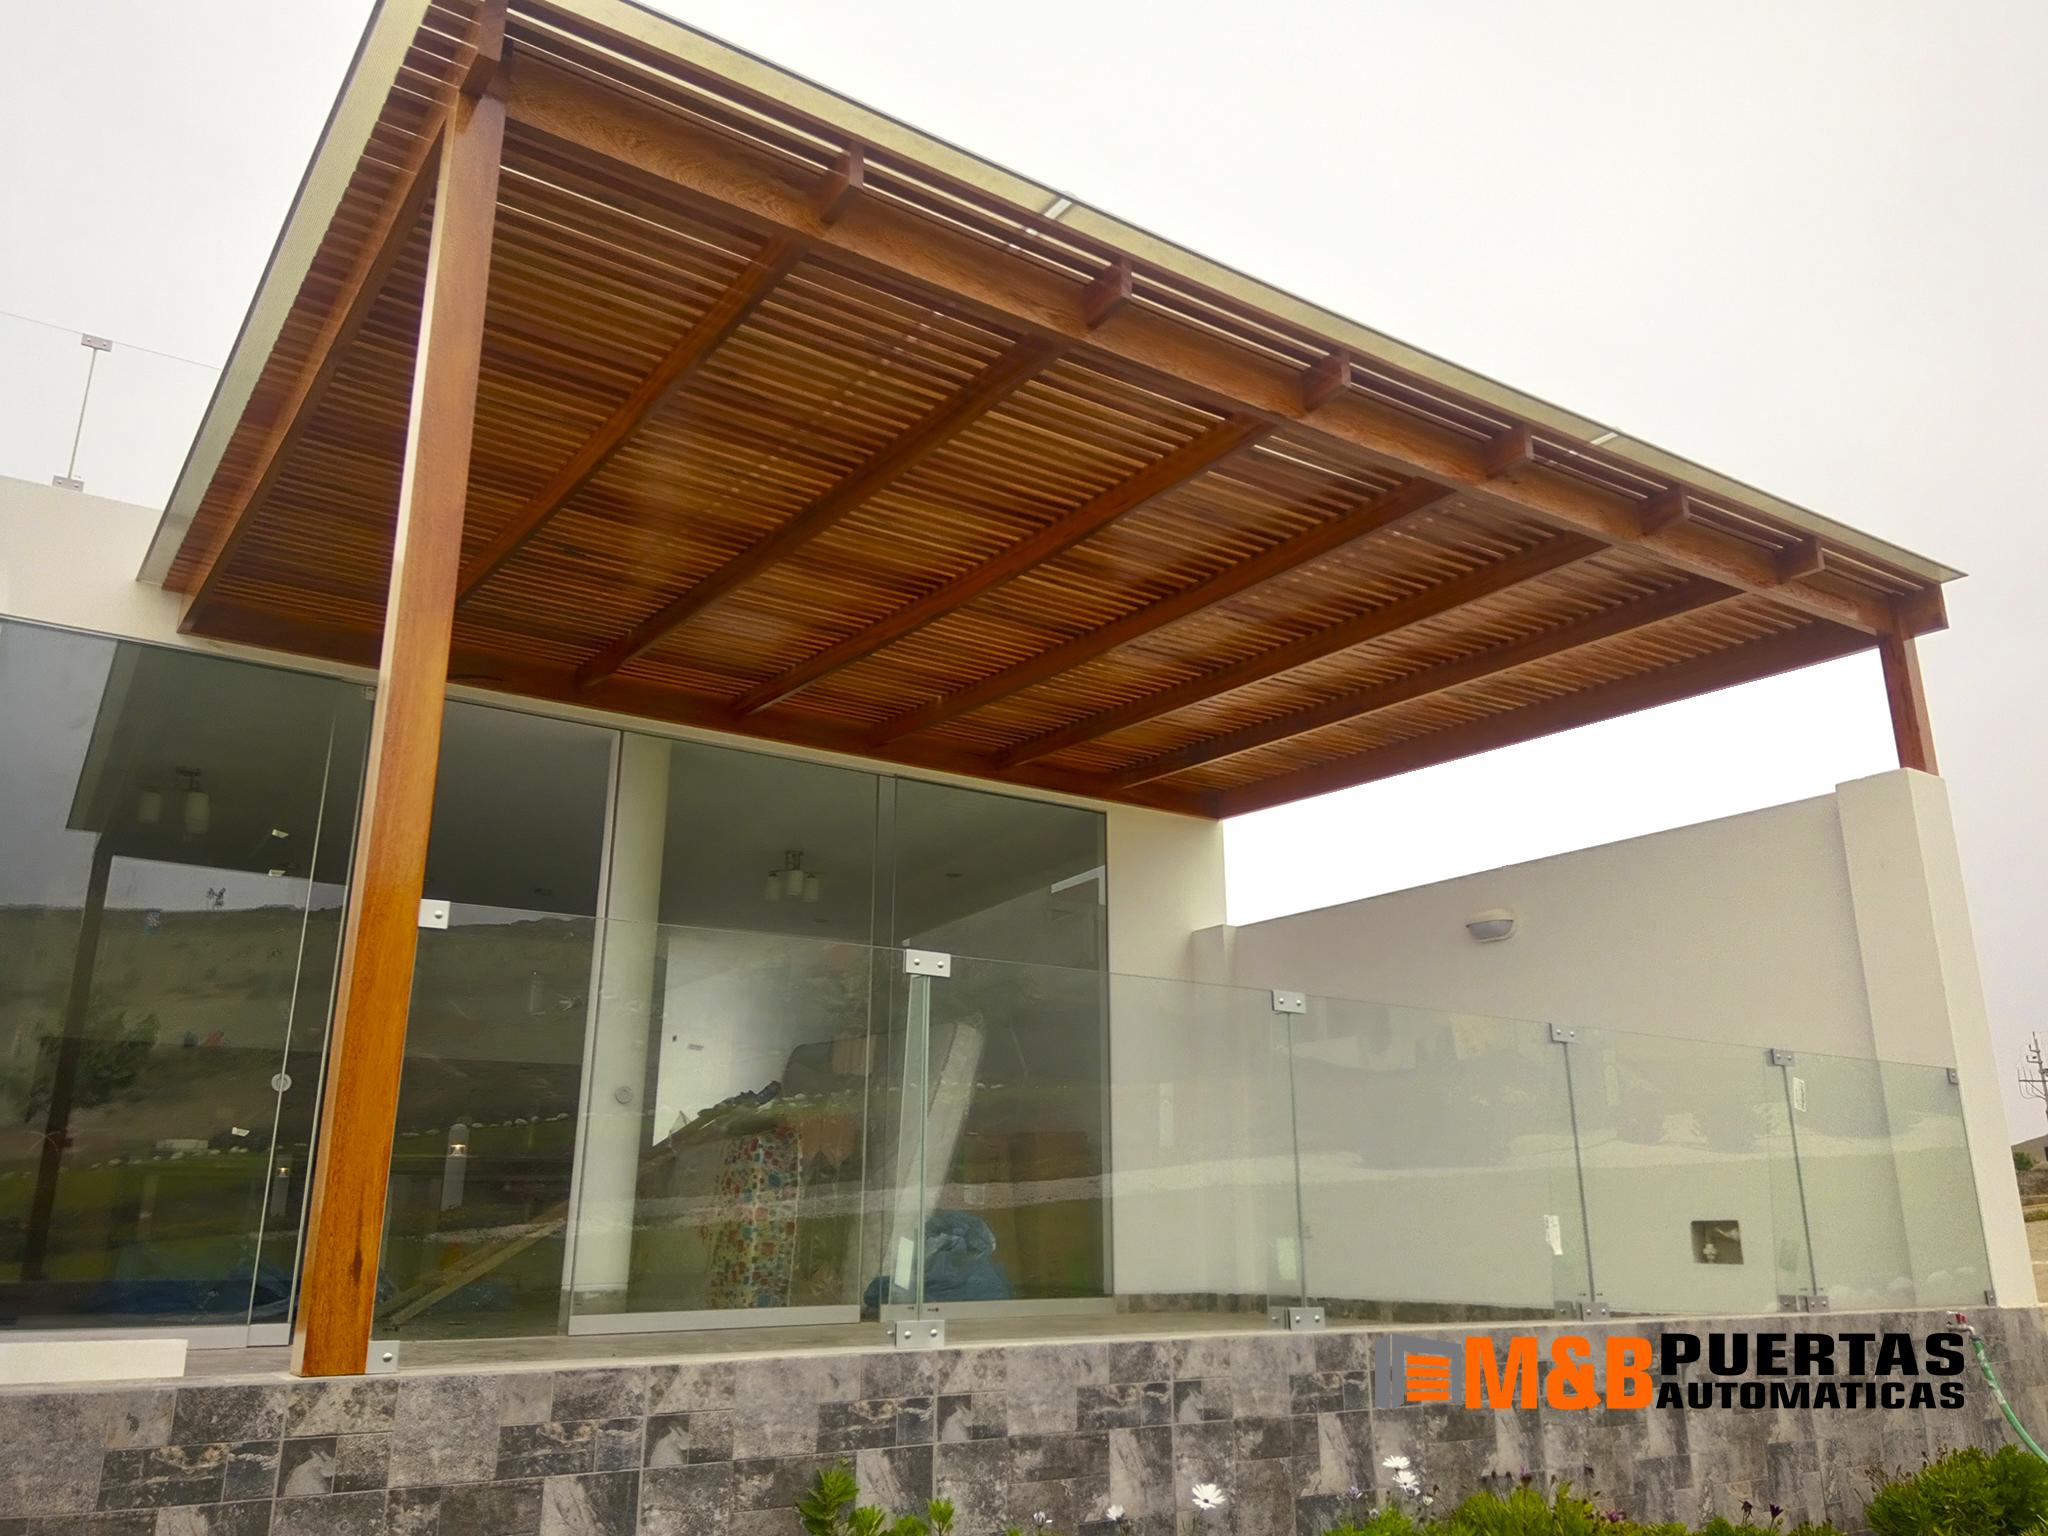 Techos sol y sombra para terrazas y jard n los mejores for Techos de teja para terrazas